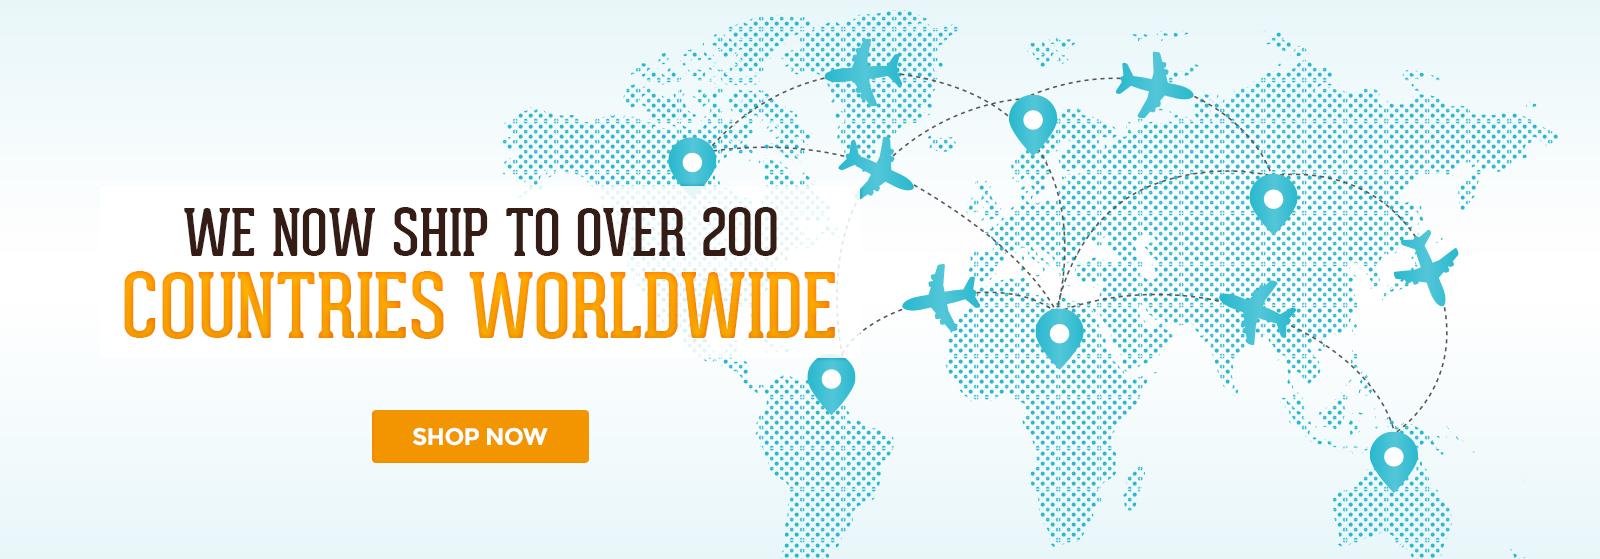 GA-worldwide-banner_v2.jpg